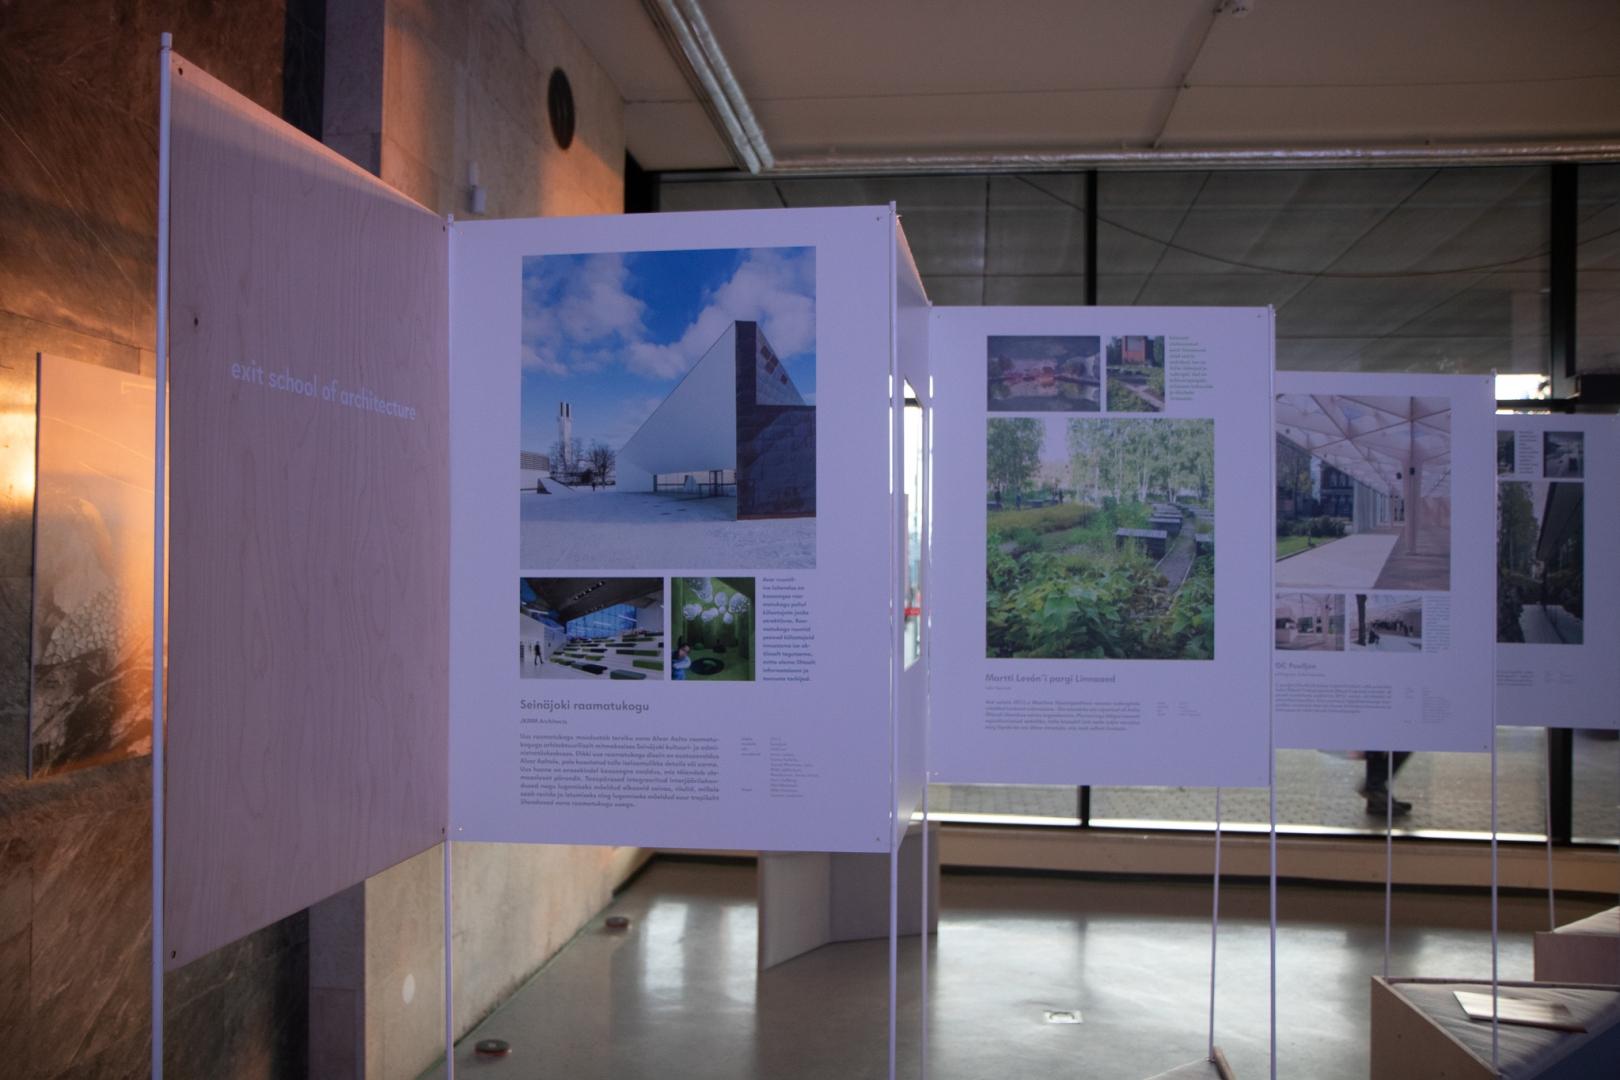 0bddde0e4bd GALERII! XIII Disainiöö Tallinnas algas Balti jaamas, Viru keskuses kui ka  Fahle pargis